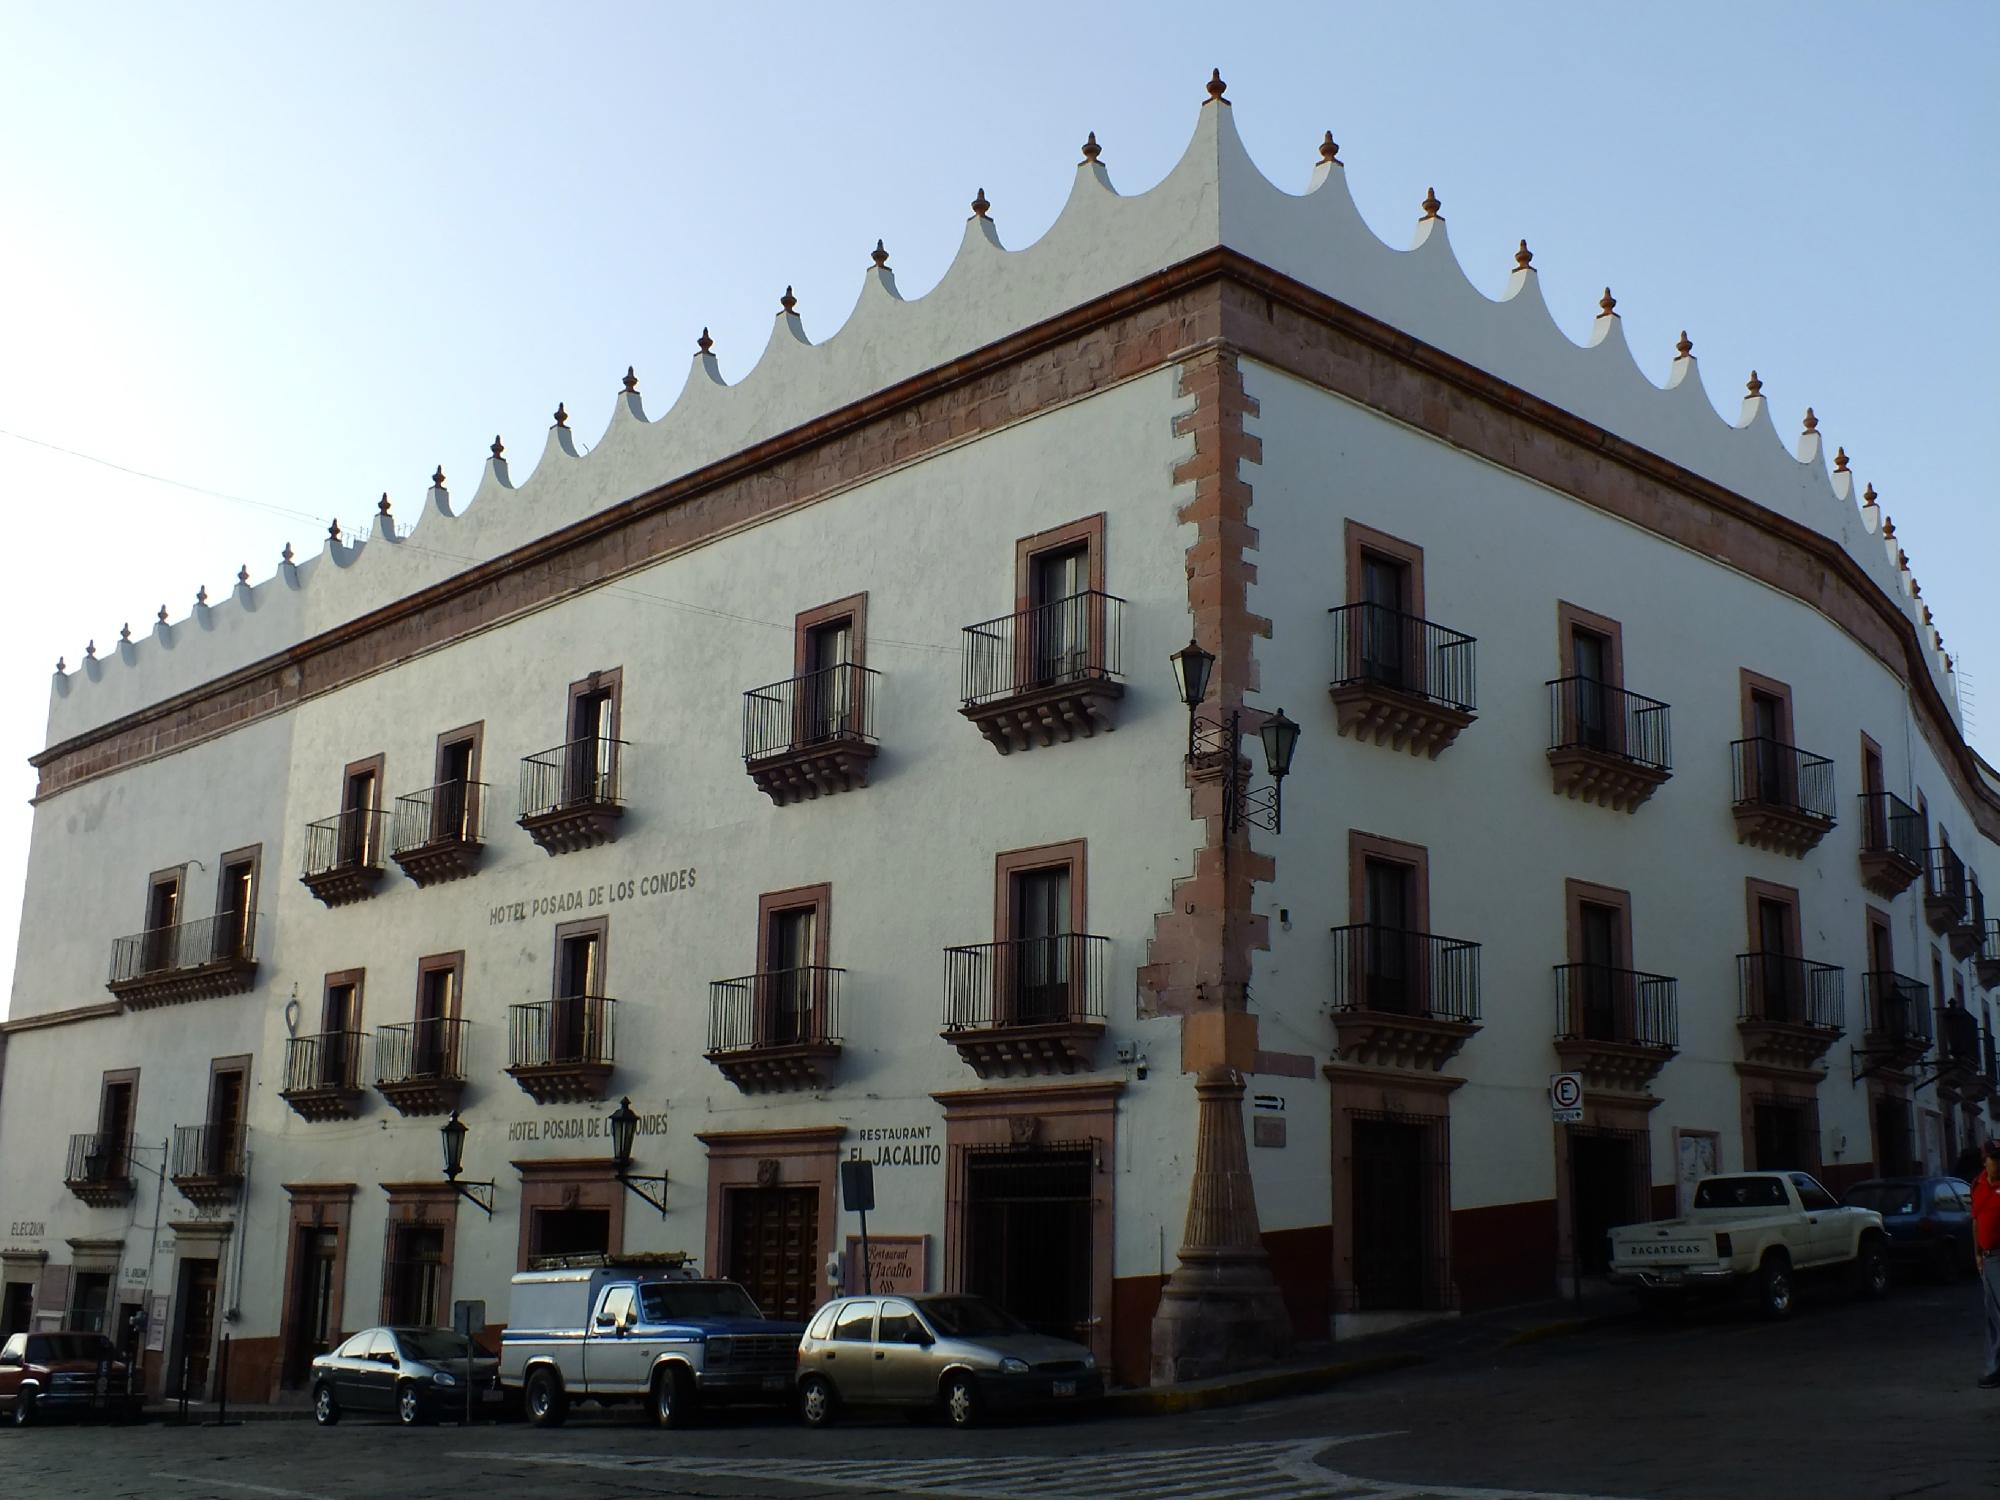 Posada De Los Condes Hotel